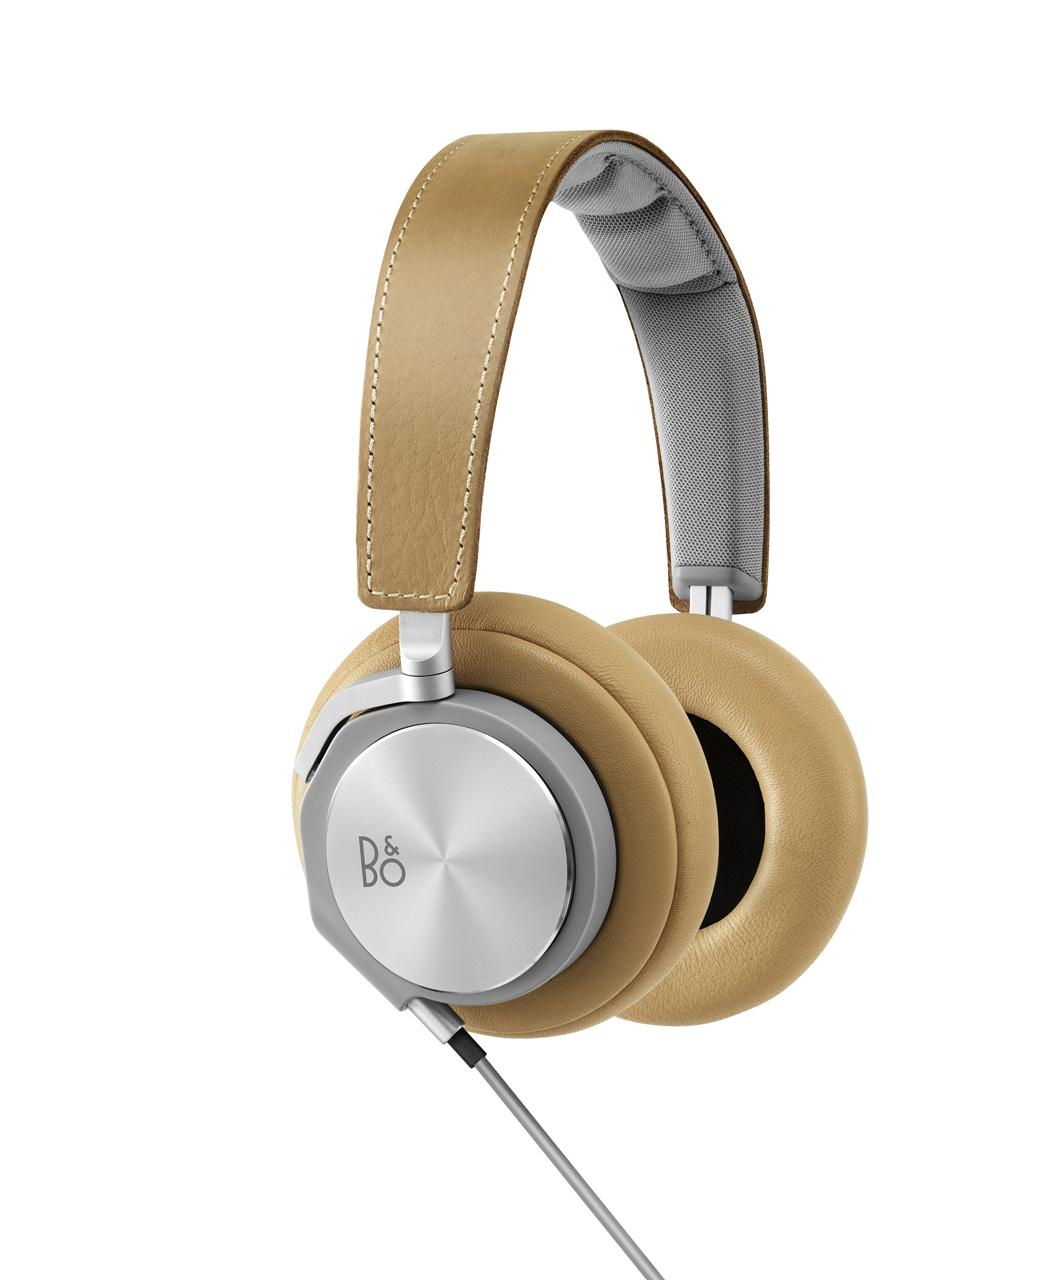 F5-Johannes-Torpe-3-H6-Headphones